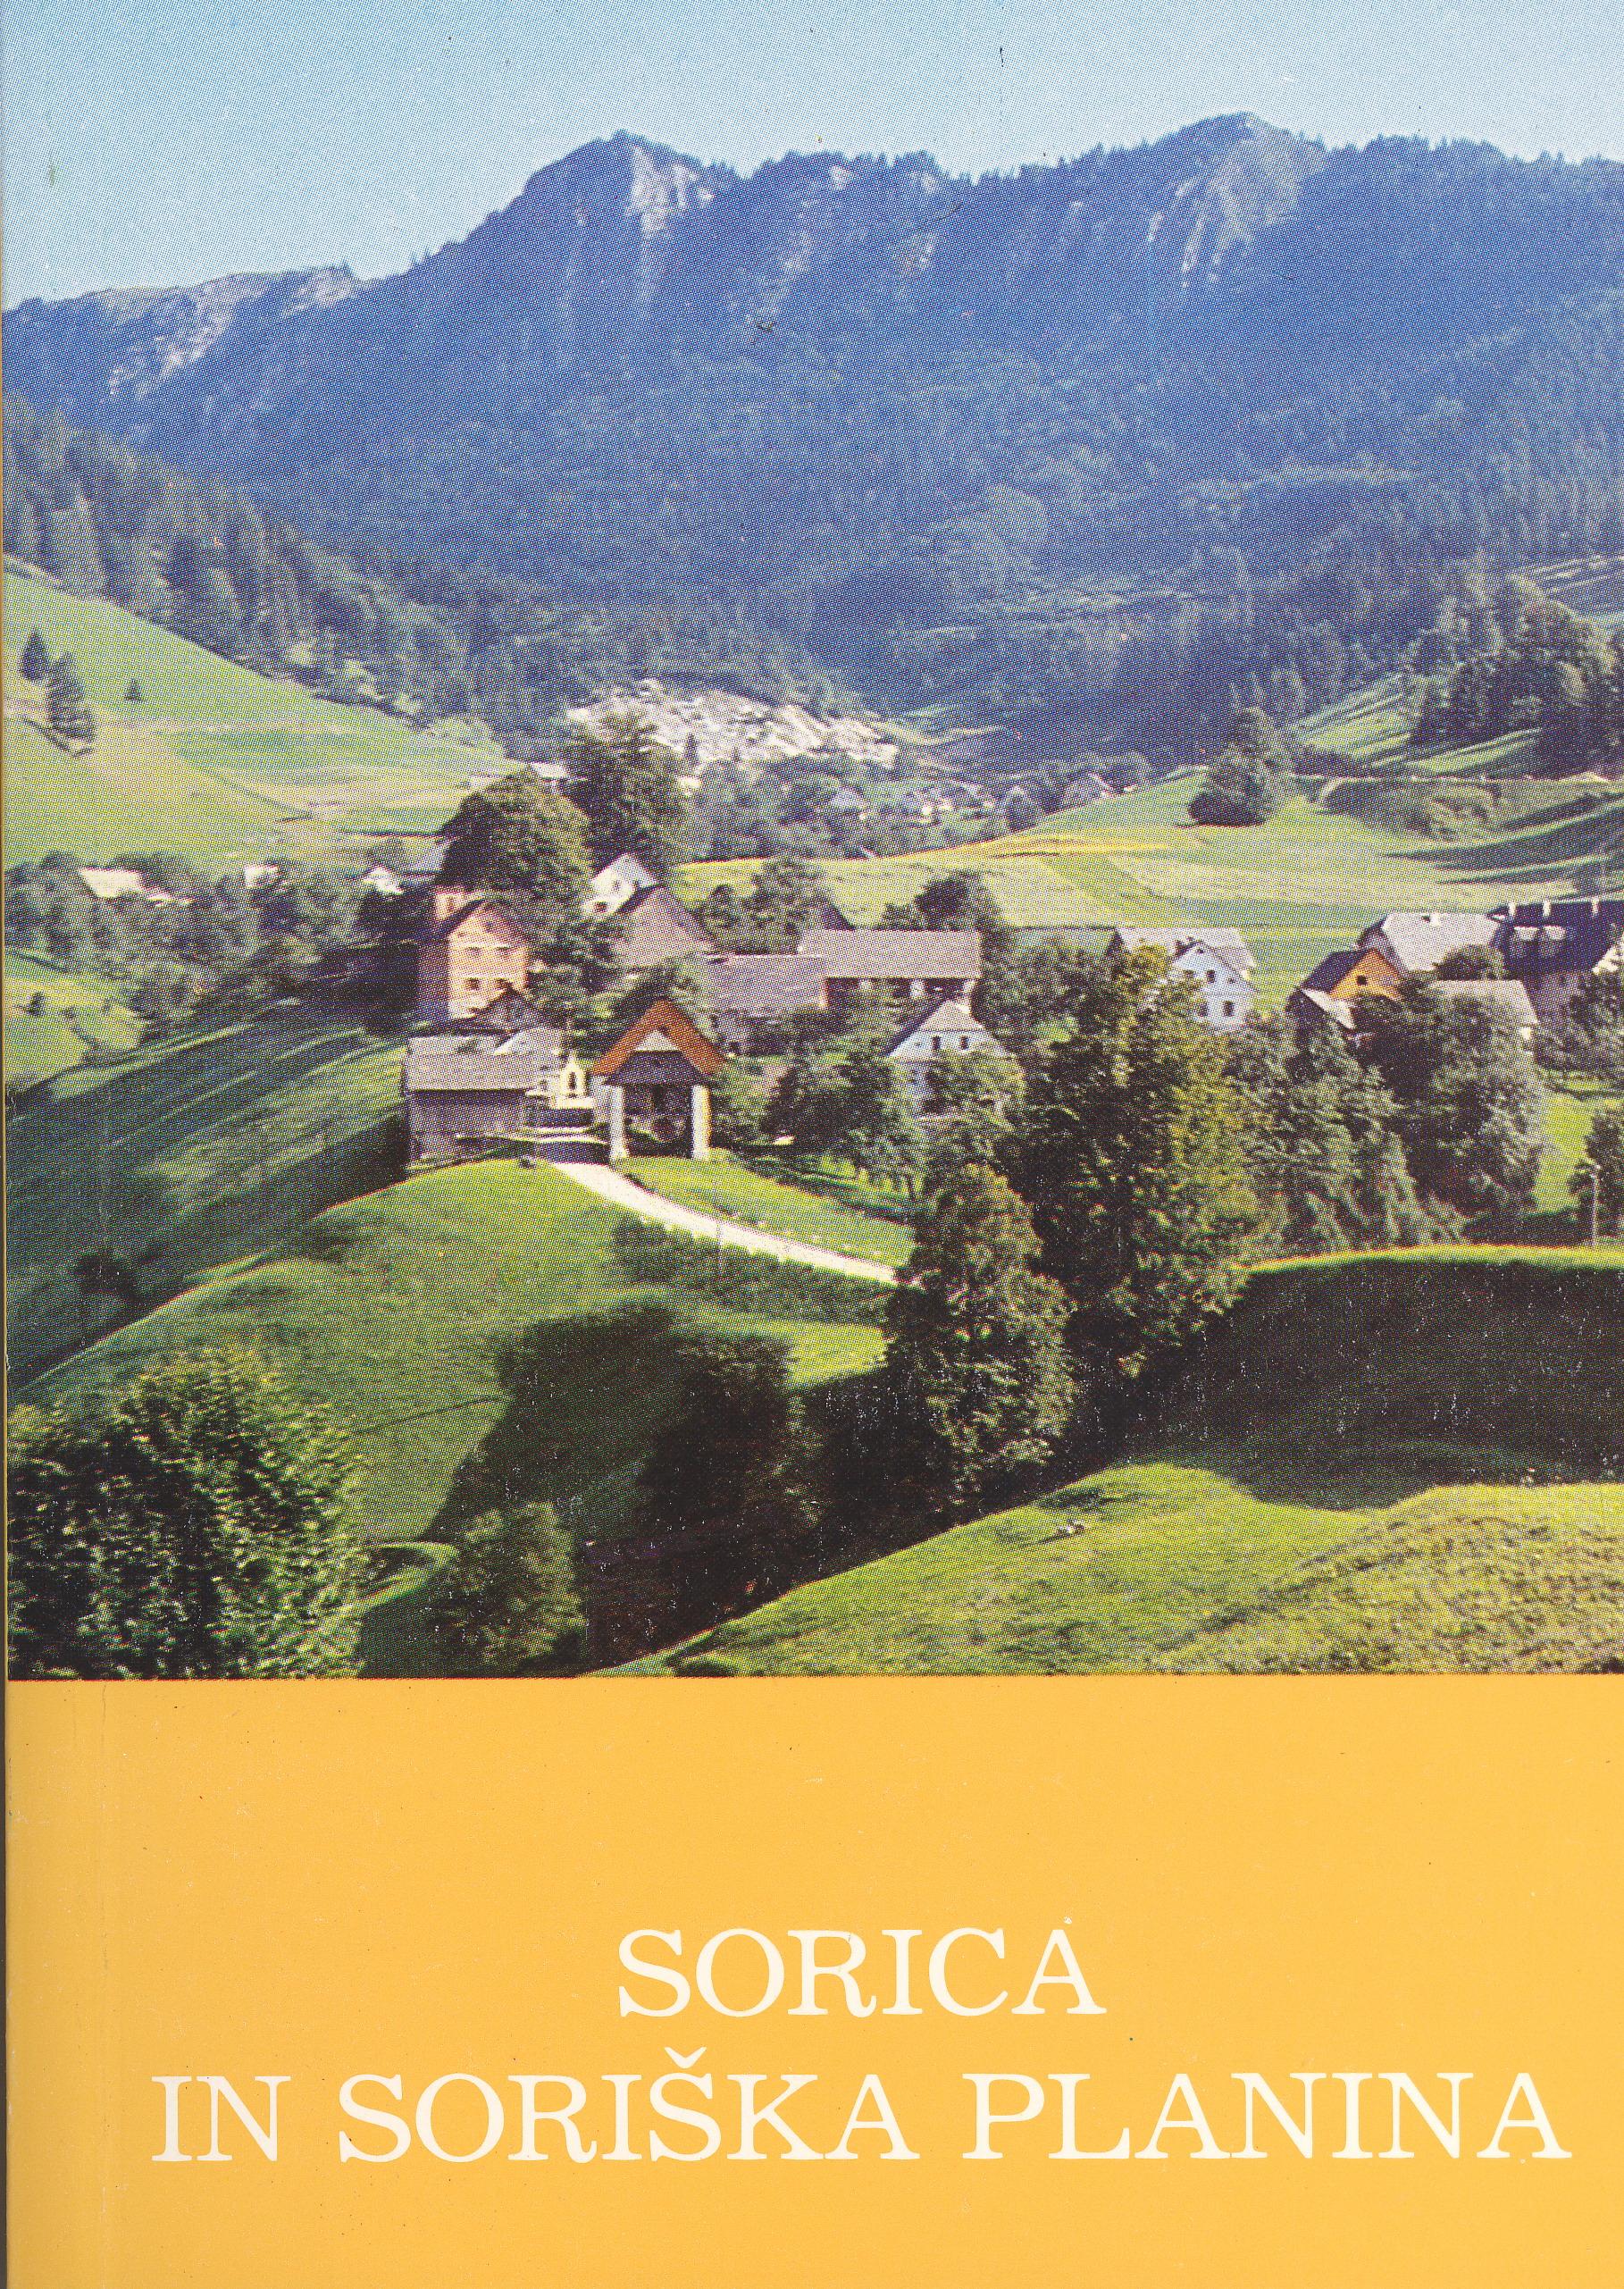 SORICA IN SORIŠKA PLANINA Book Cover